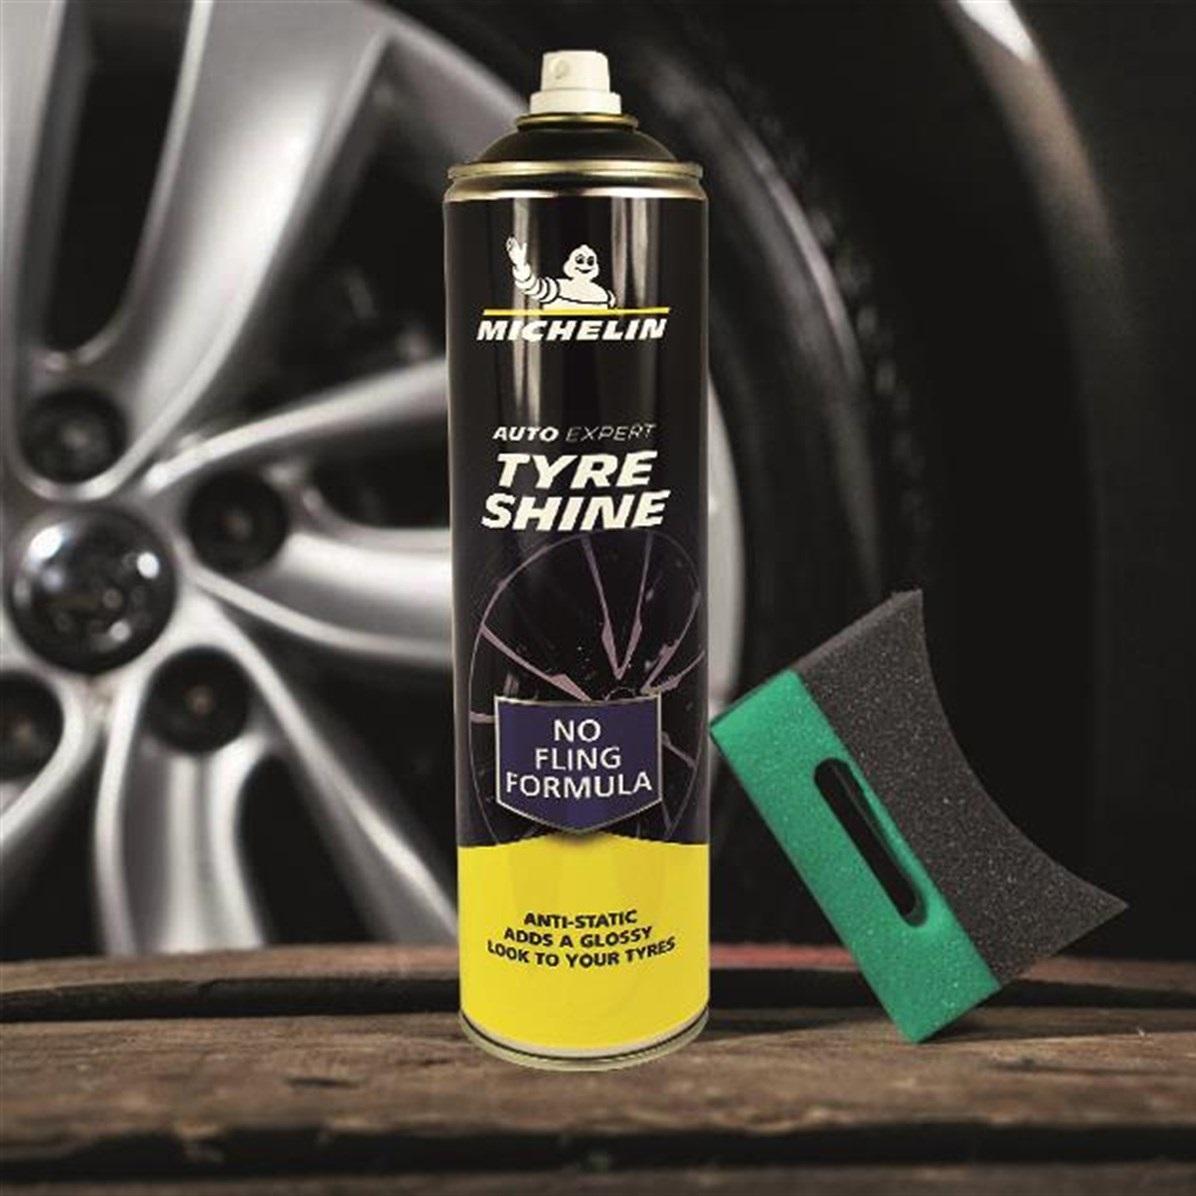 Chai xịt vệ sinh và bảo dưỡng làm bóng lốp ô tô Michelin W31432 - giảm nhiệt, ngăn ngừa nứt bánh xe, duy trì vẻ sáng bóng